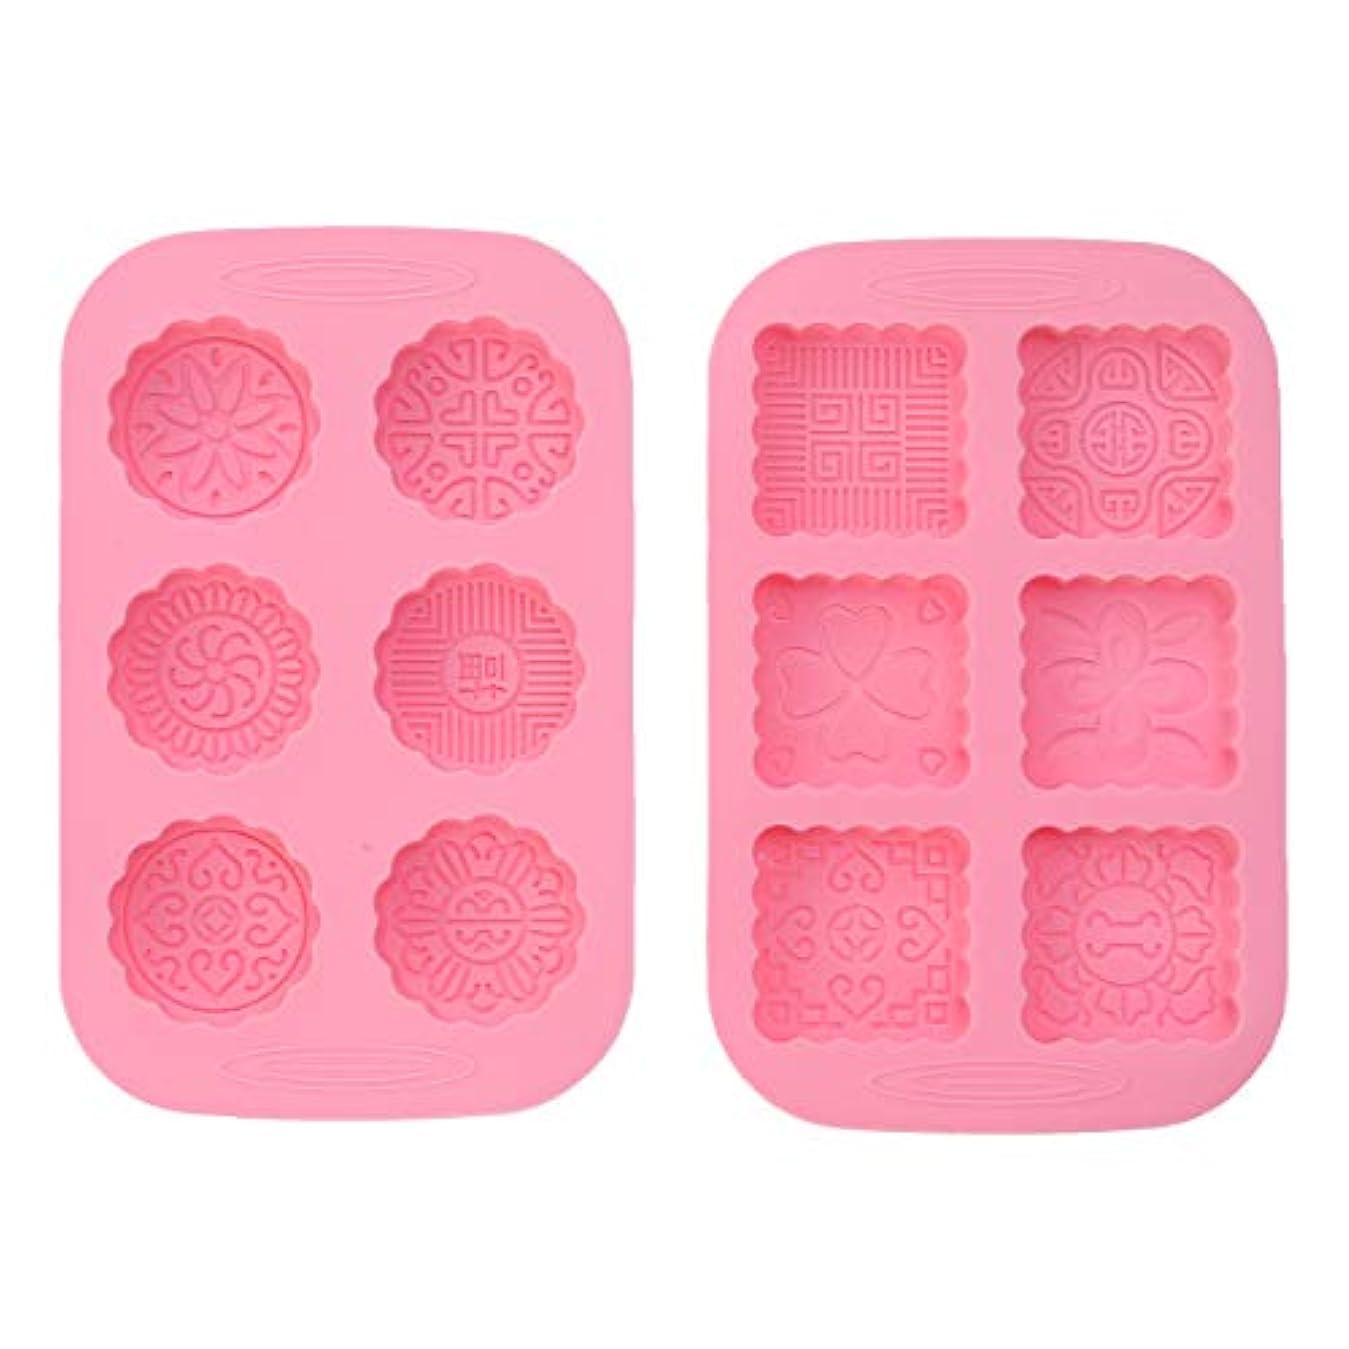 考古学的なレモン注入Healifty チョコレート石鹸パンのための2本の月餅型の花型(ピンク)